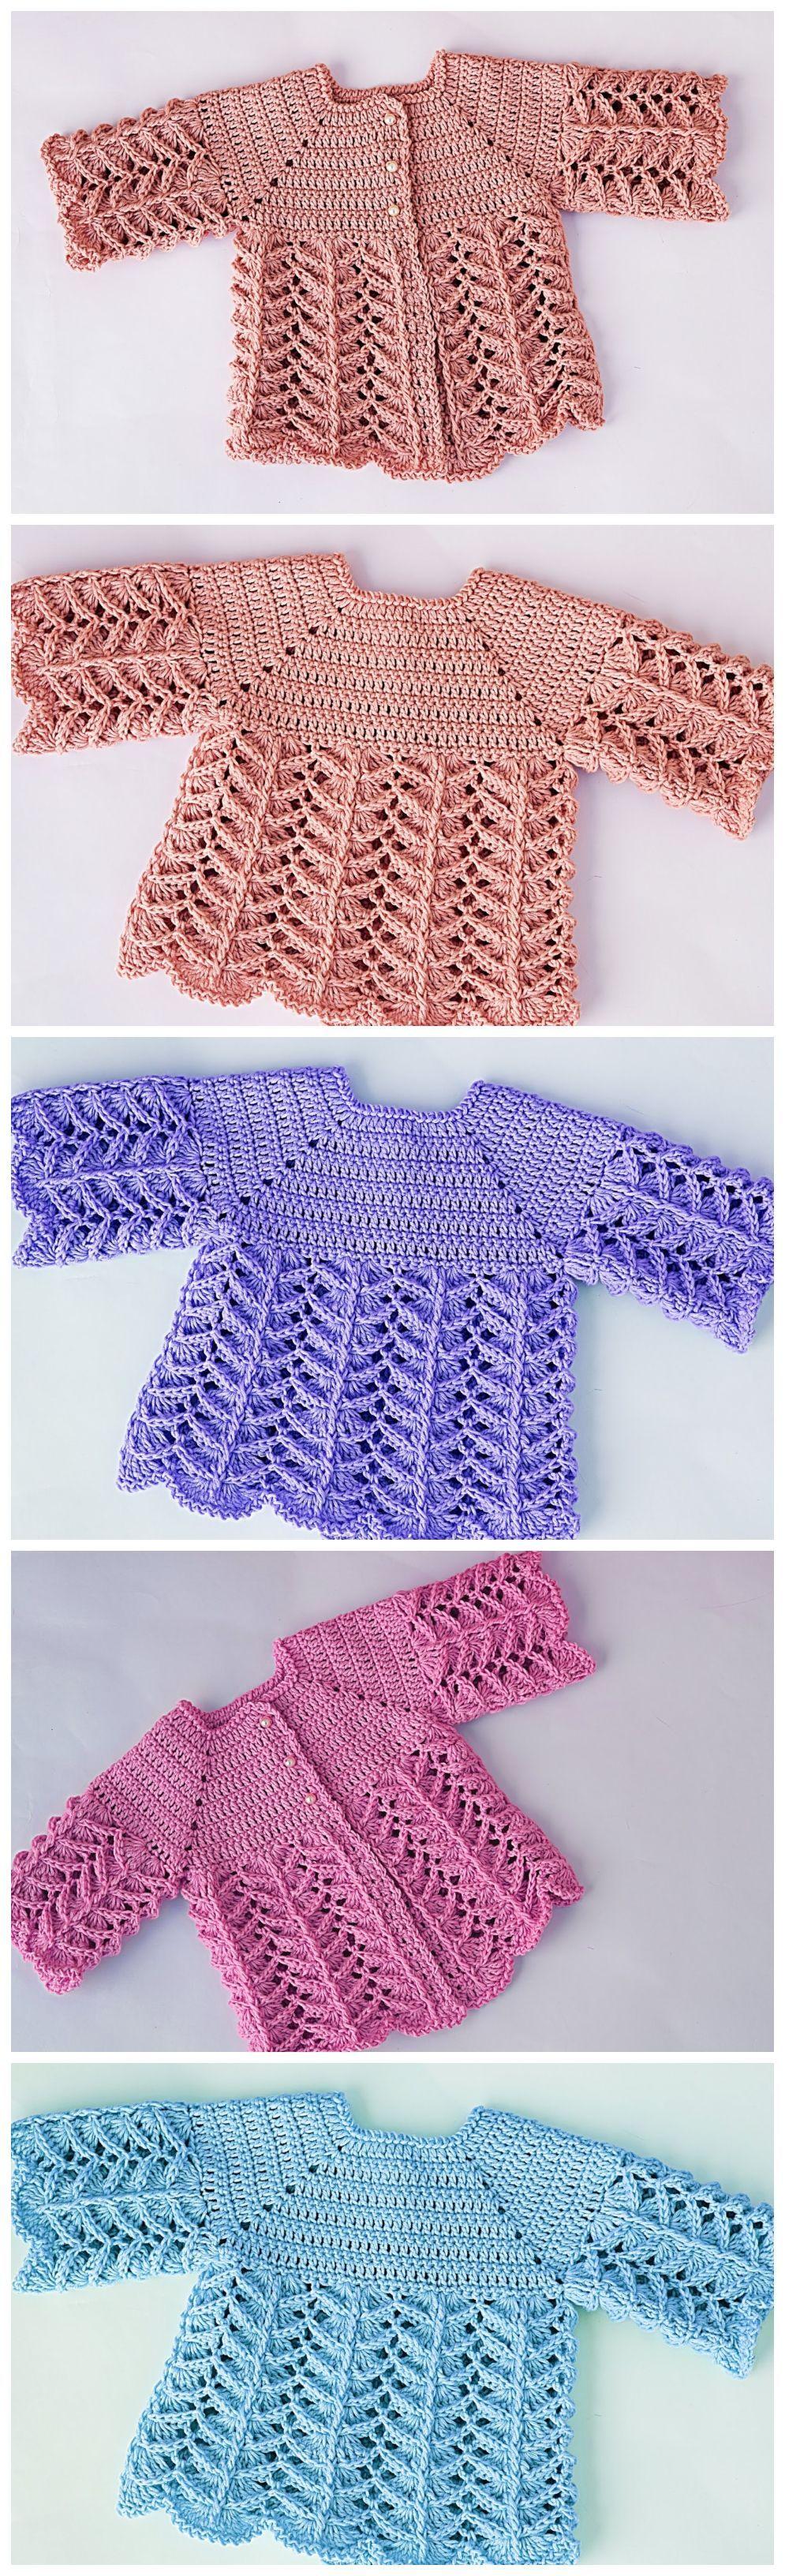 Häkeln Sie Baby Pullover - häkeln Sie Ideen #babypullover